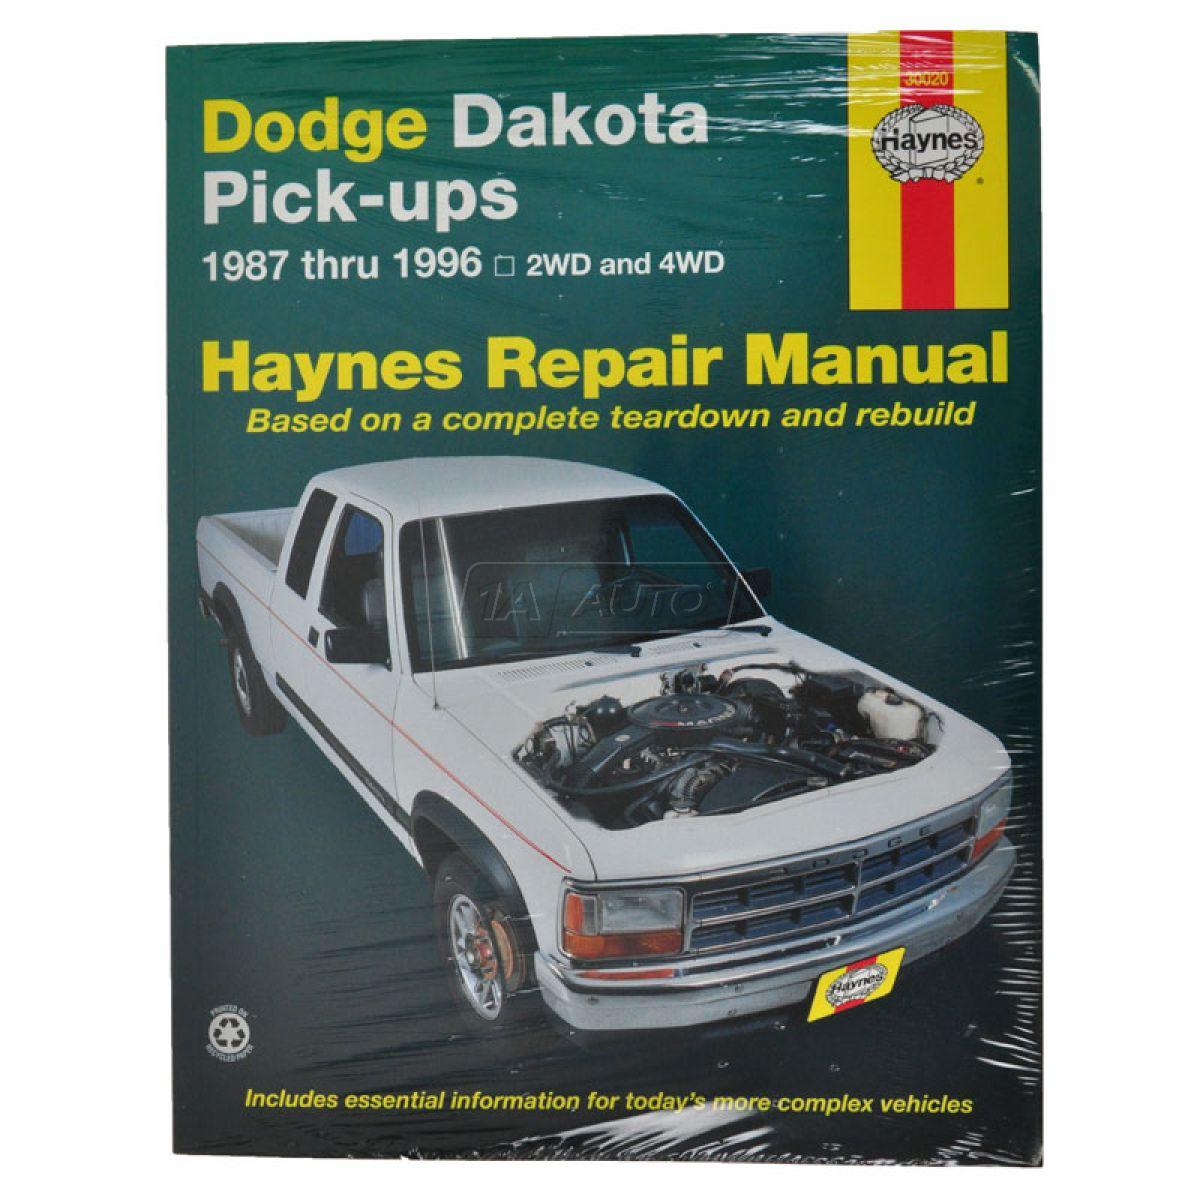 87 - 92 93 94 95 96 Dodge Dakota Haynes Repair Manual